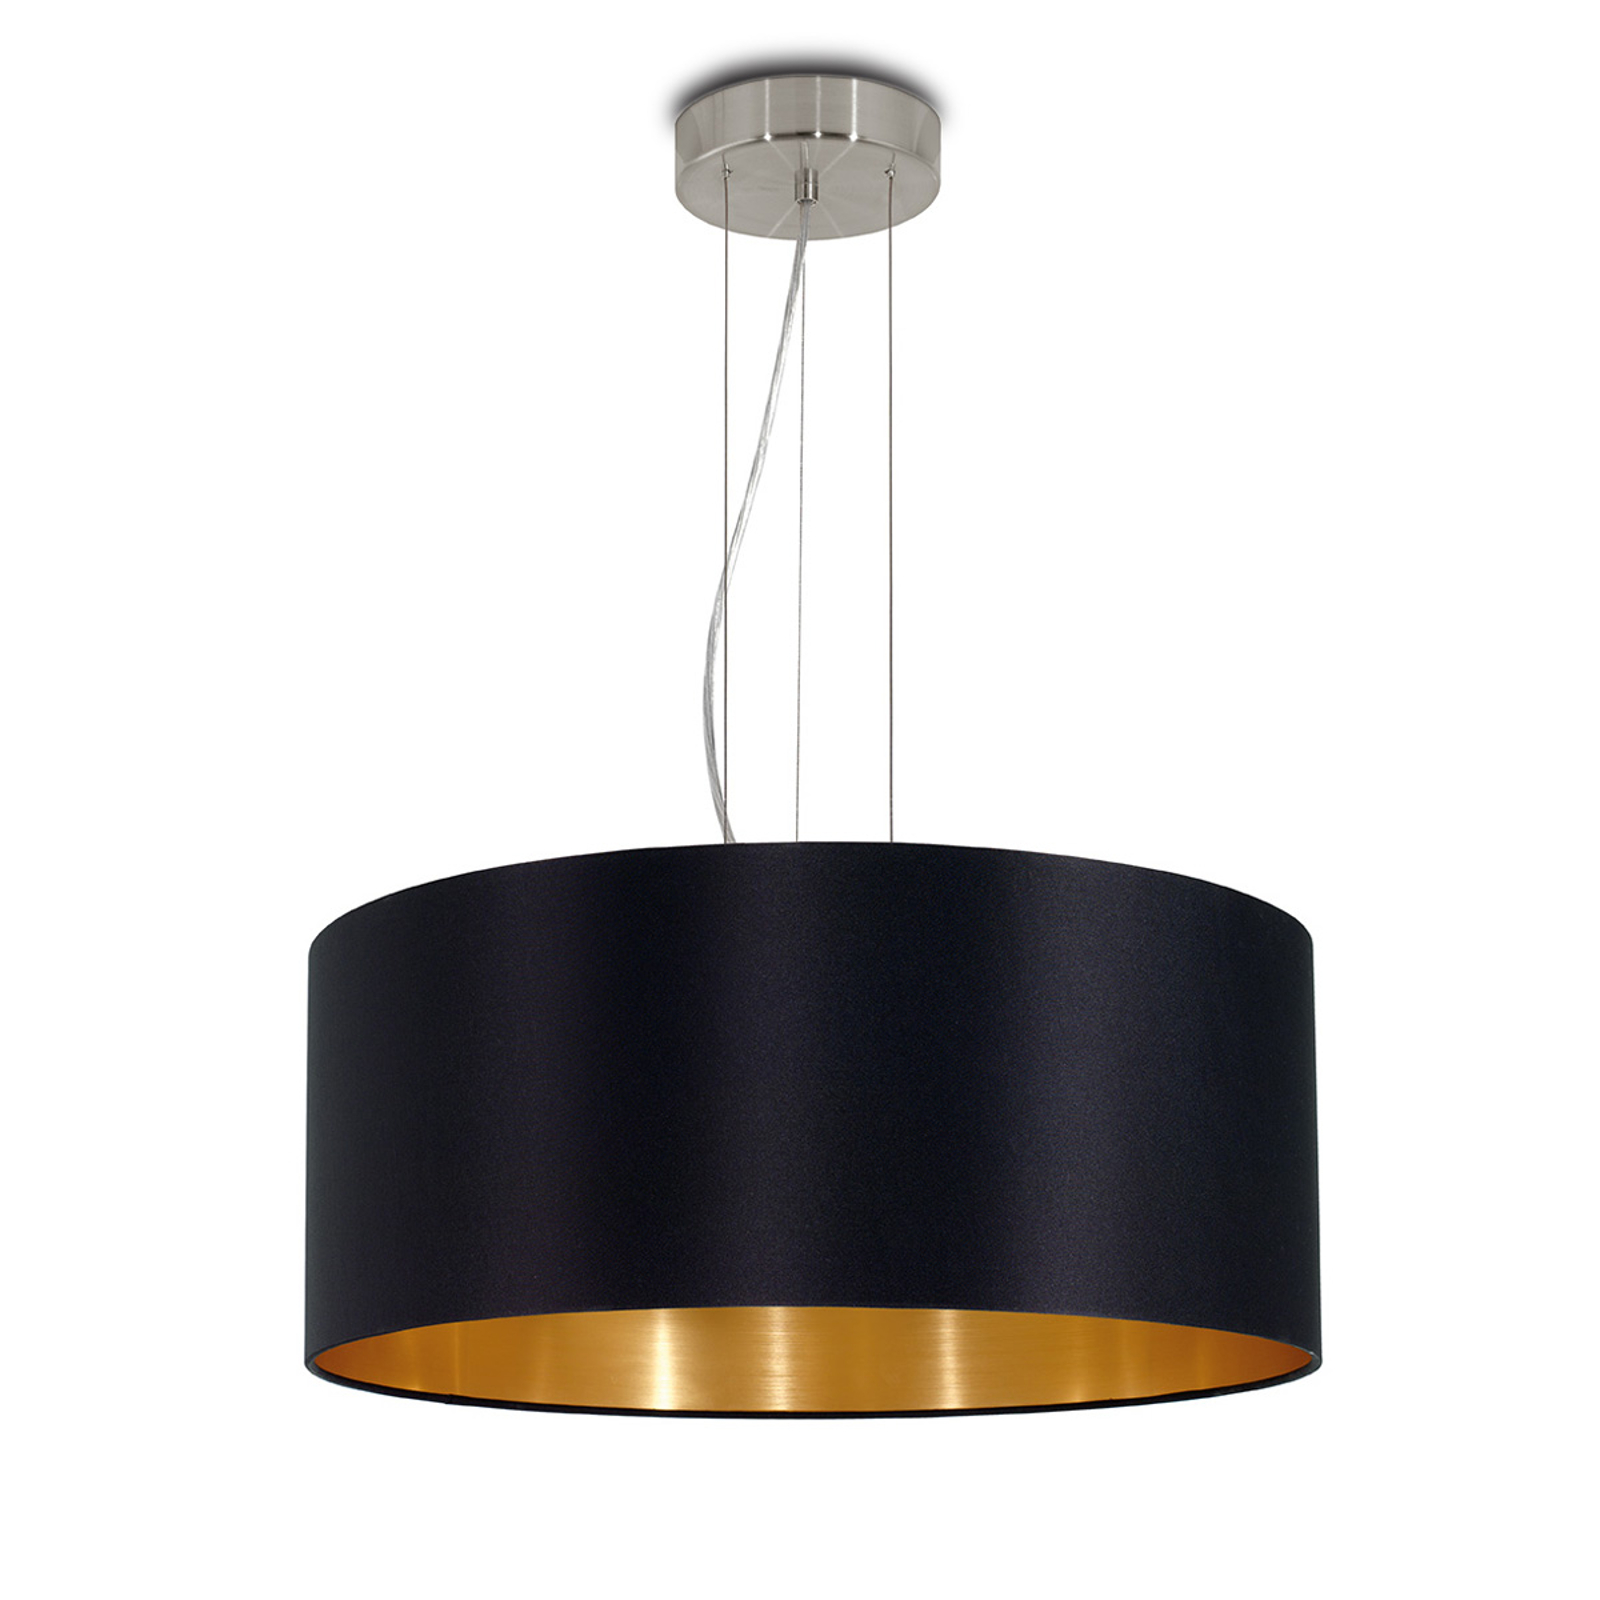 Lecio - suspension textile noire-dorée